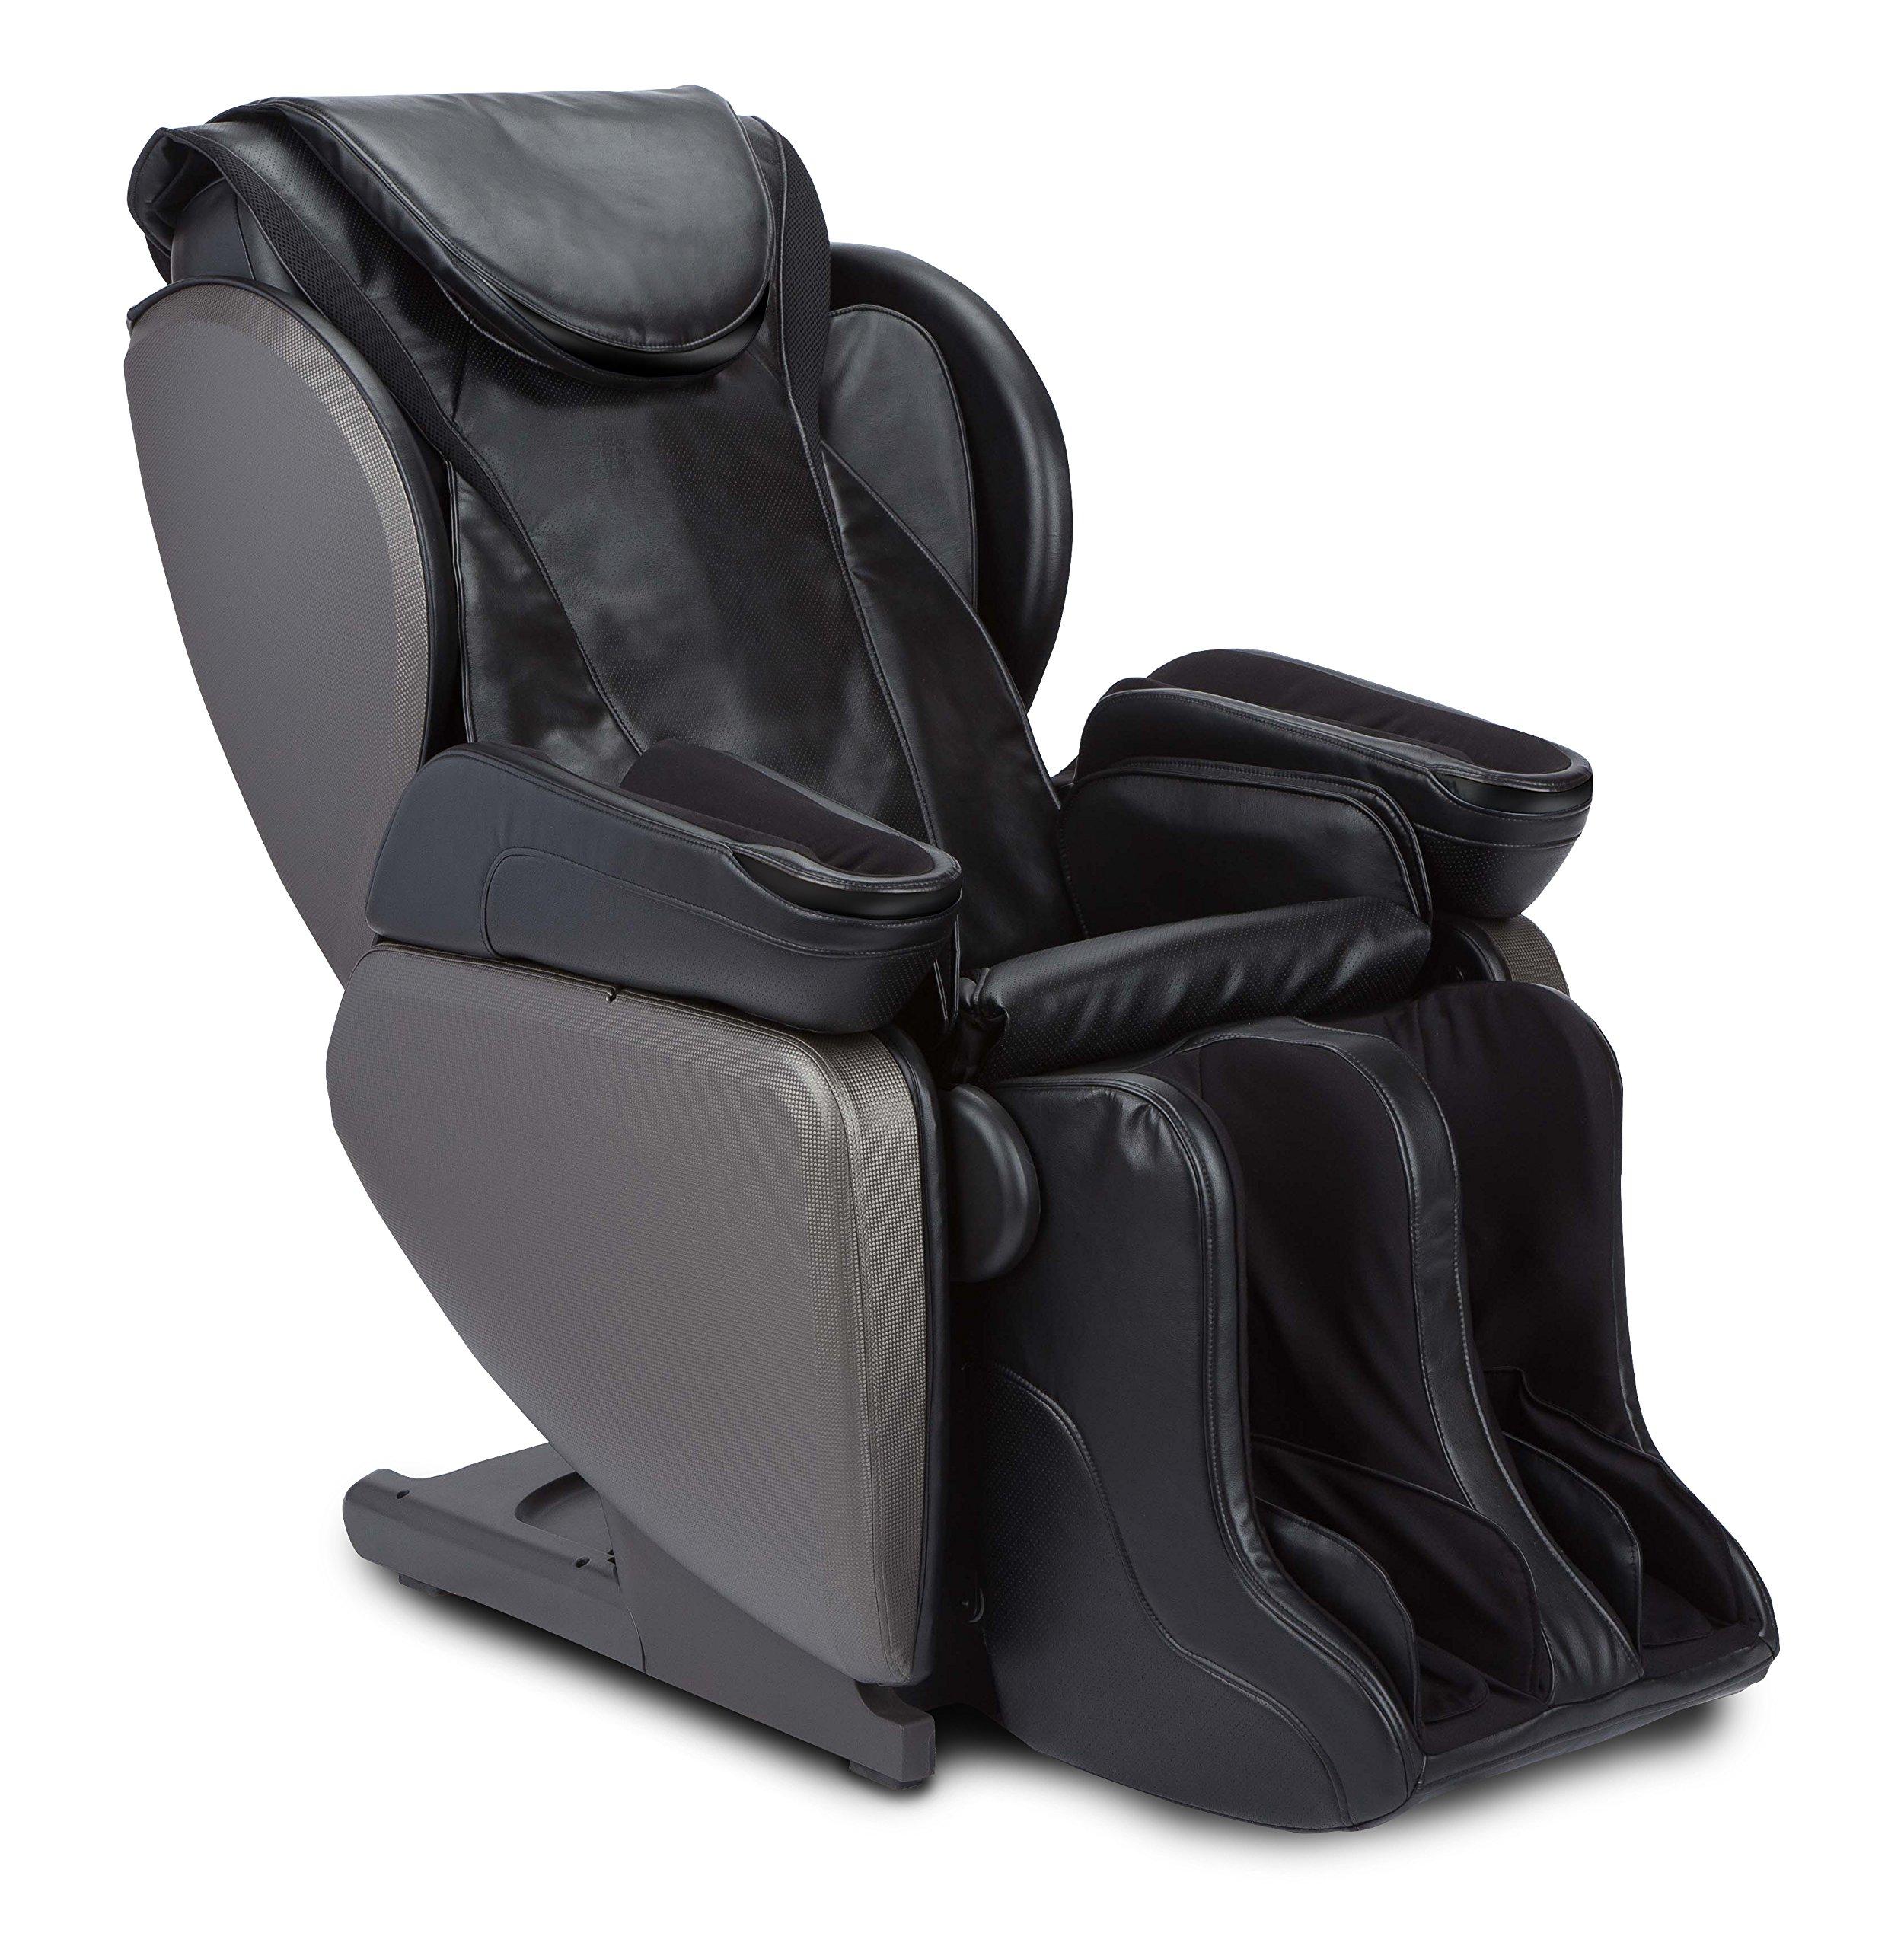 Navitas Sleep Massage Chair, Onyx Color Option